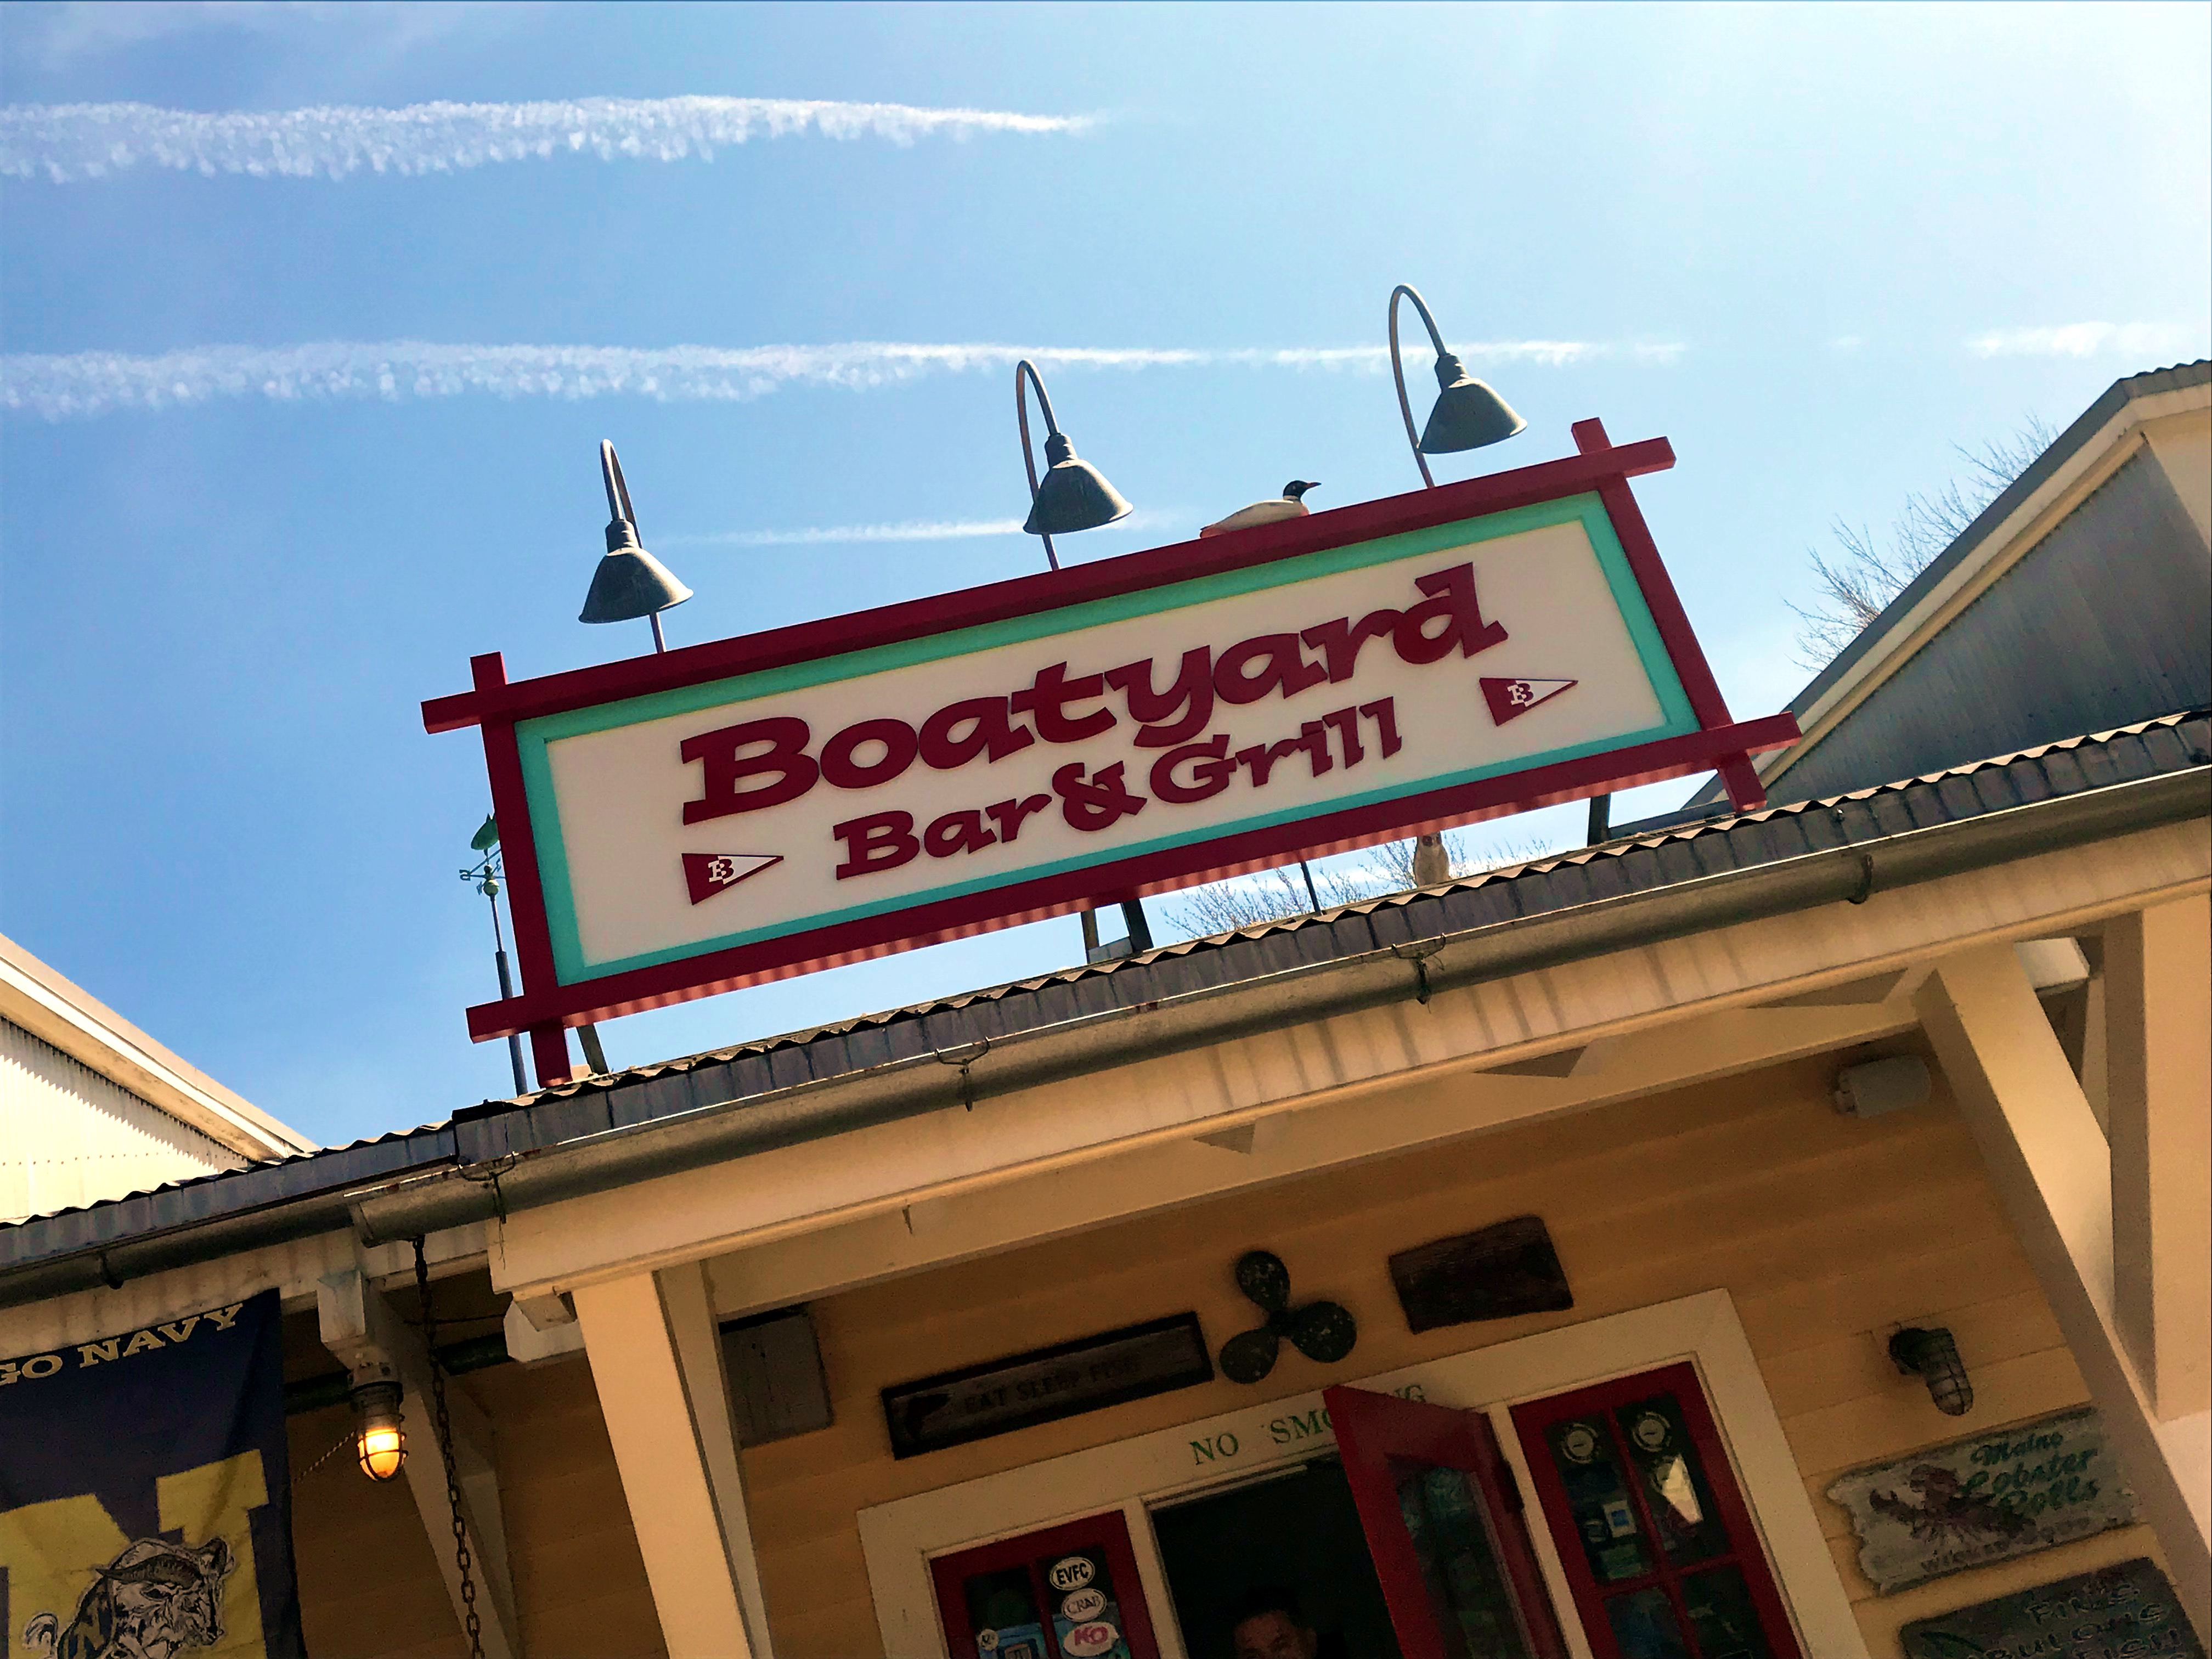 boatyard bar and grill